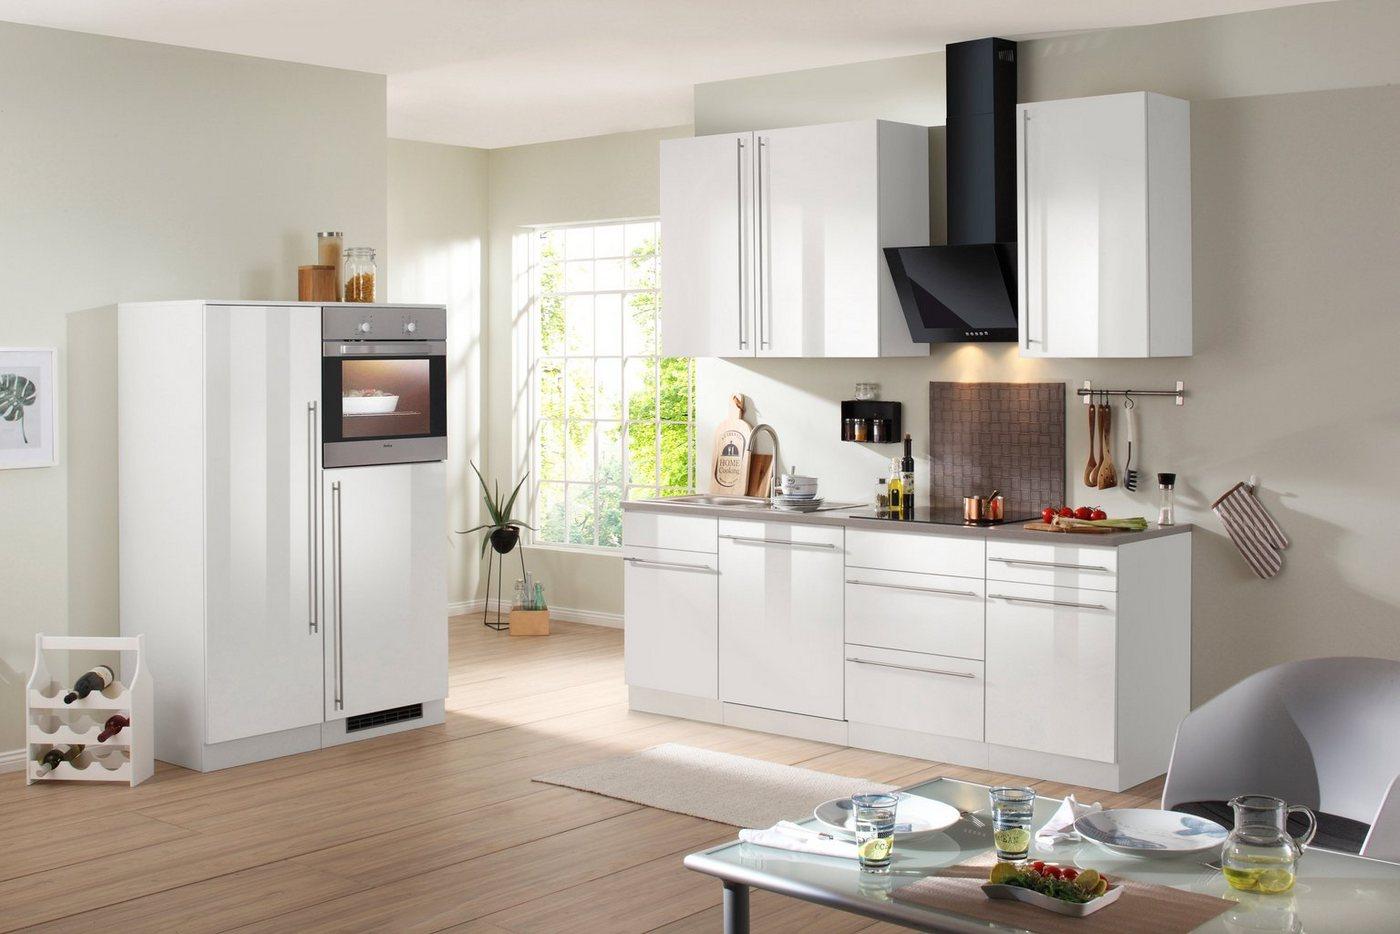 flex well k chenzeile mit e ger ten lucca gesamtbreite 150 cm wei mit aufbauservice wei. Black Bedroom Furniture Sets. Home Design Ideas